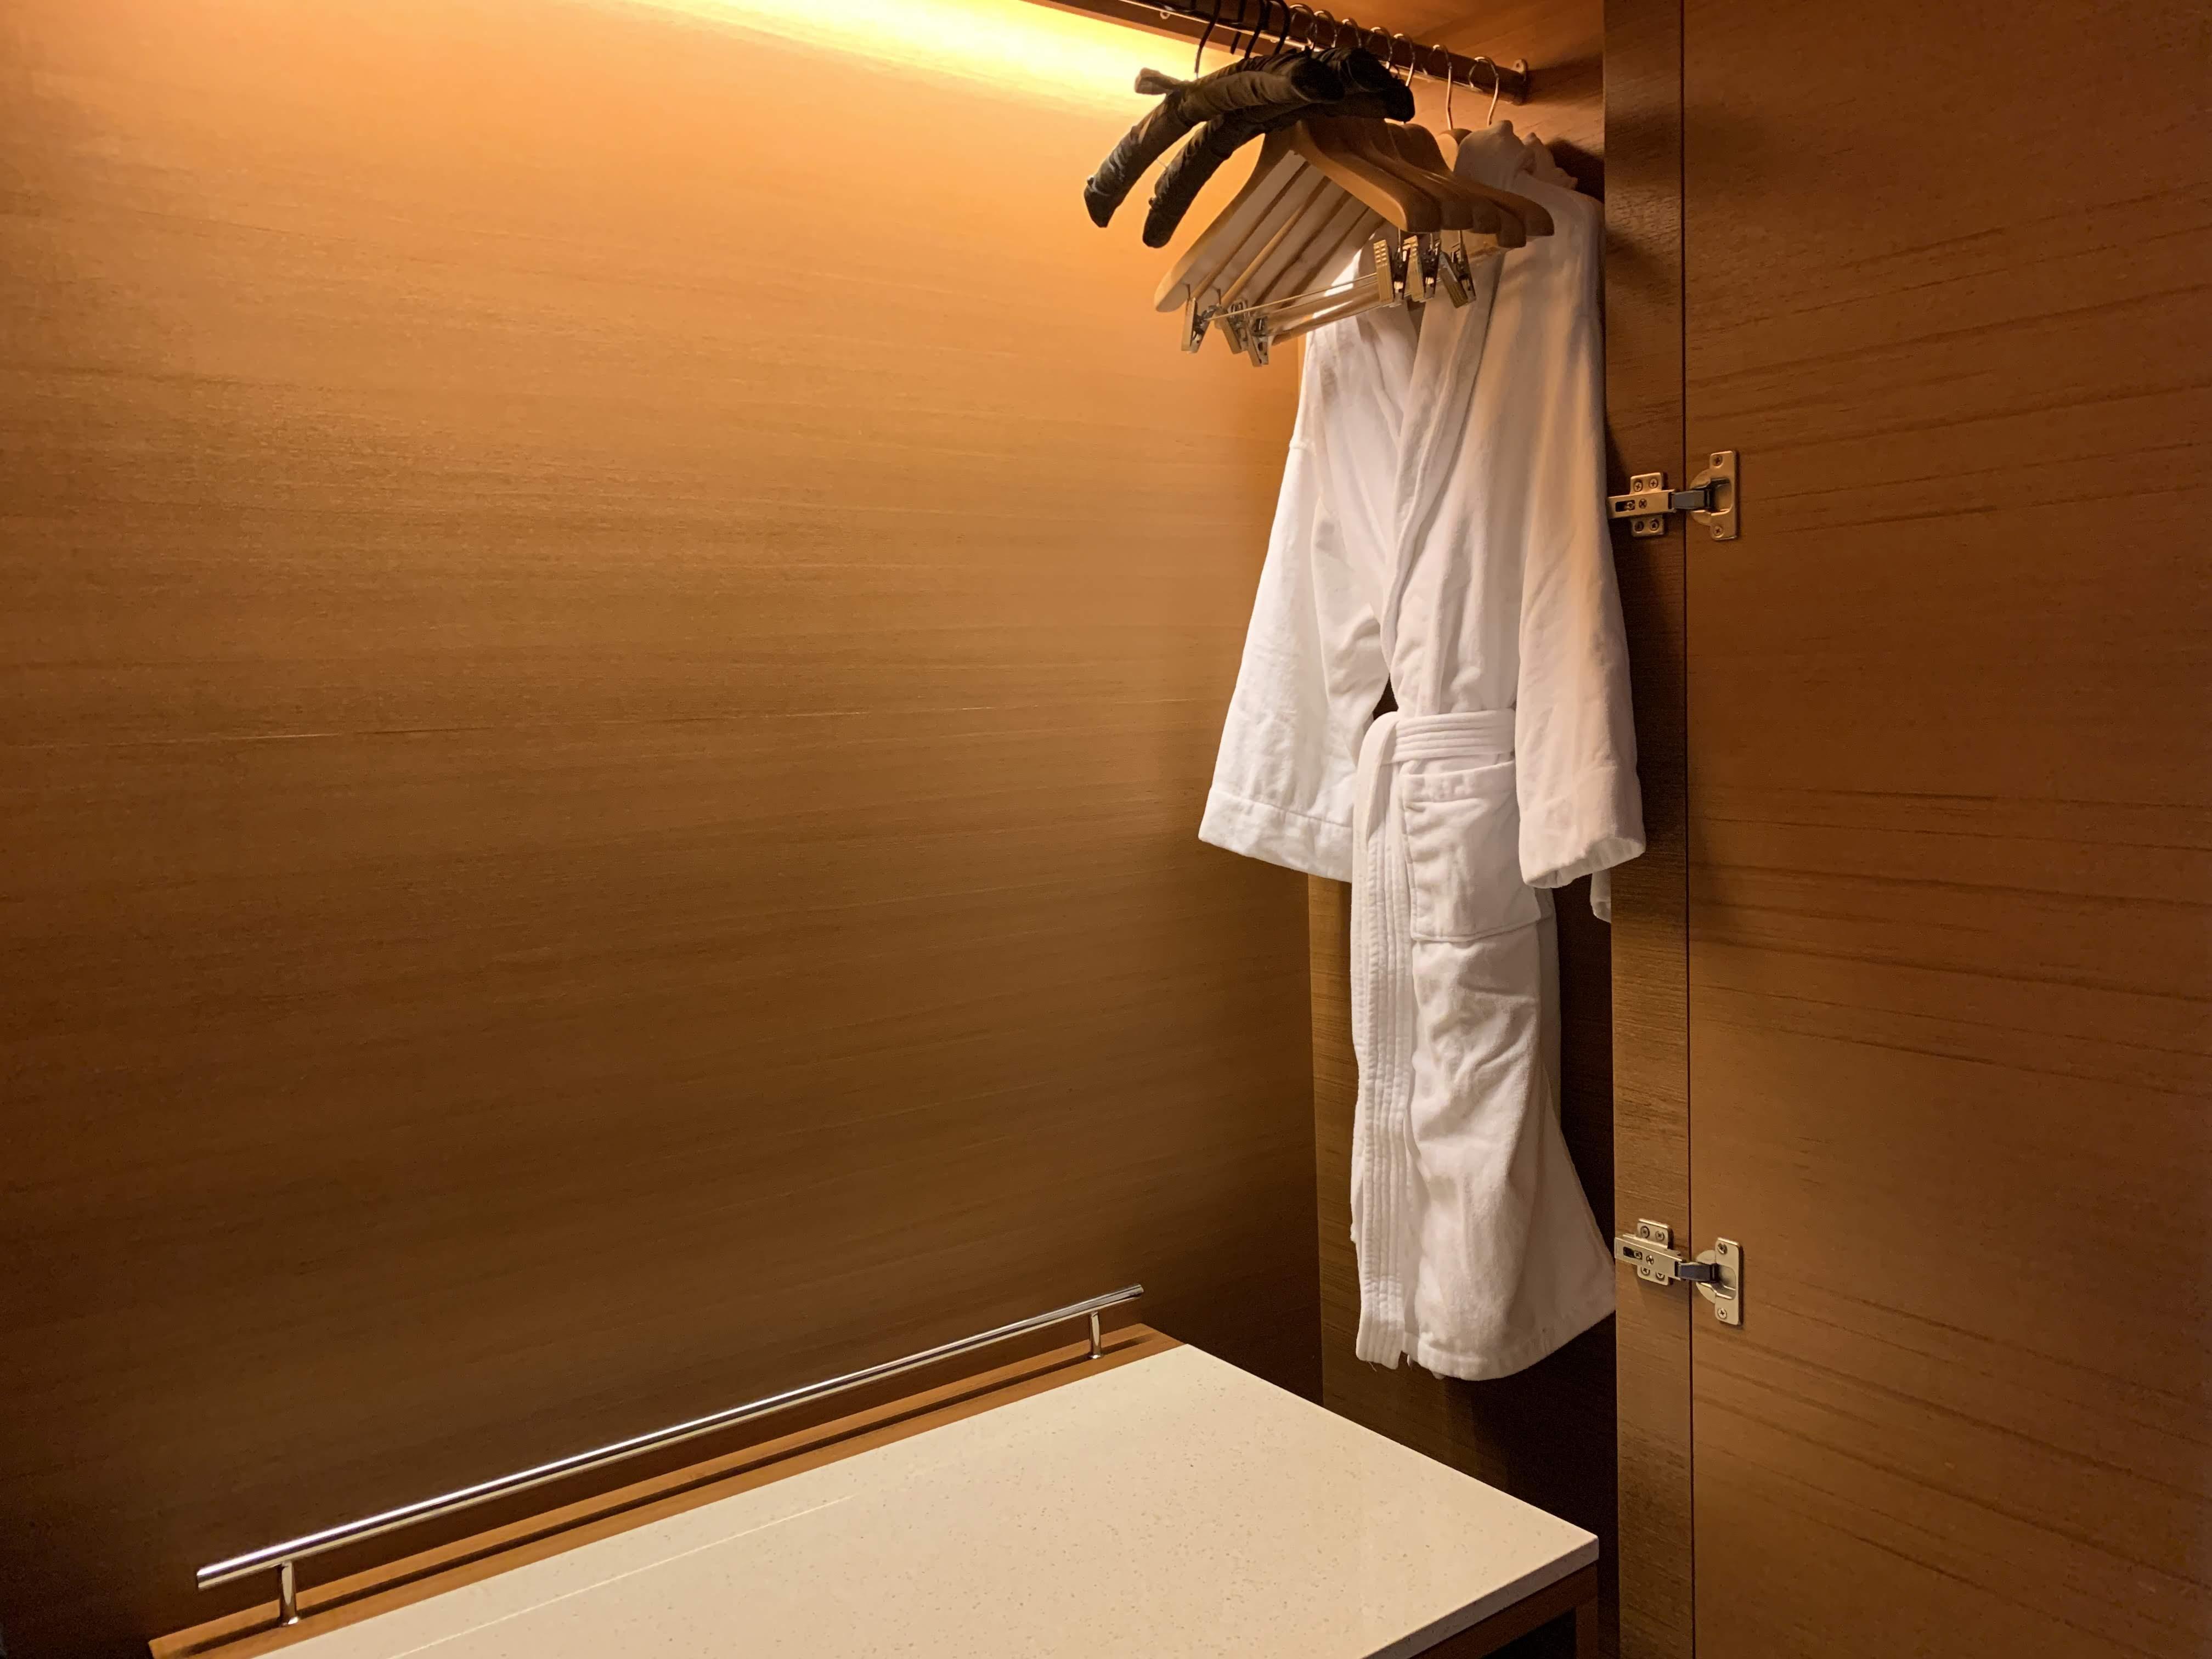 台北飯店-價值五萬經典皮椅、Dyson與歐舒丹備品,細節貼心的住宿:誠品行旅 @右上世界食旅